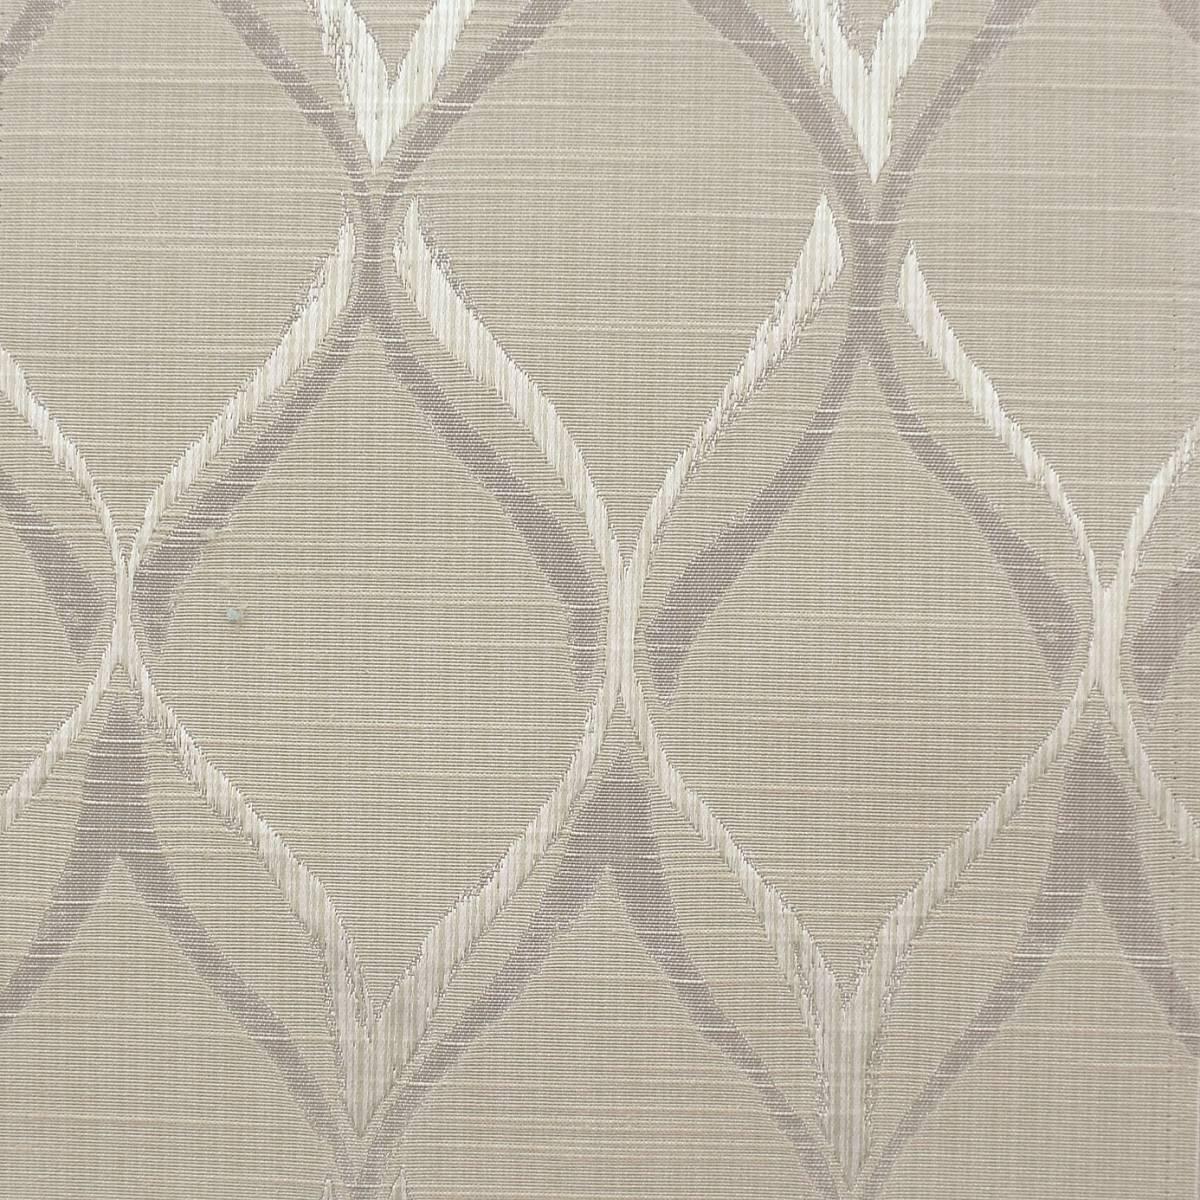 Mystique Fabric Calico 3575 046 Prestigious Textiles